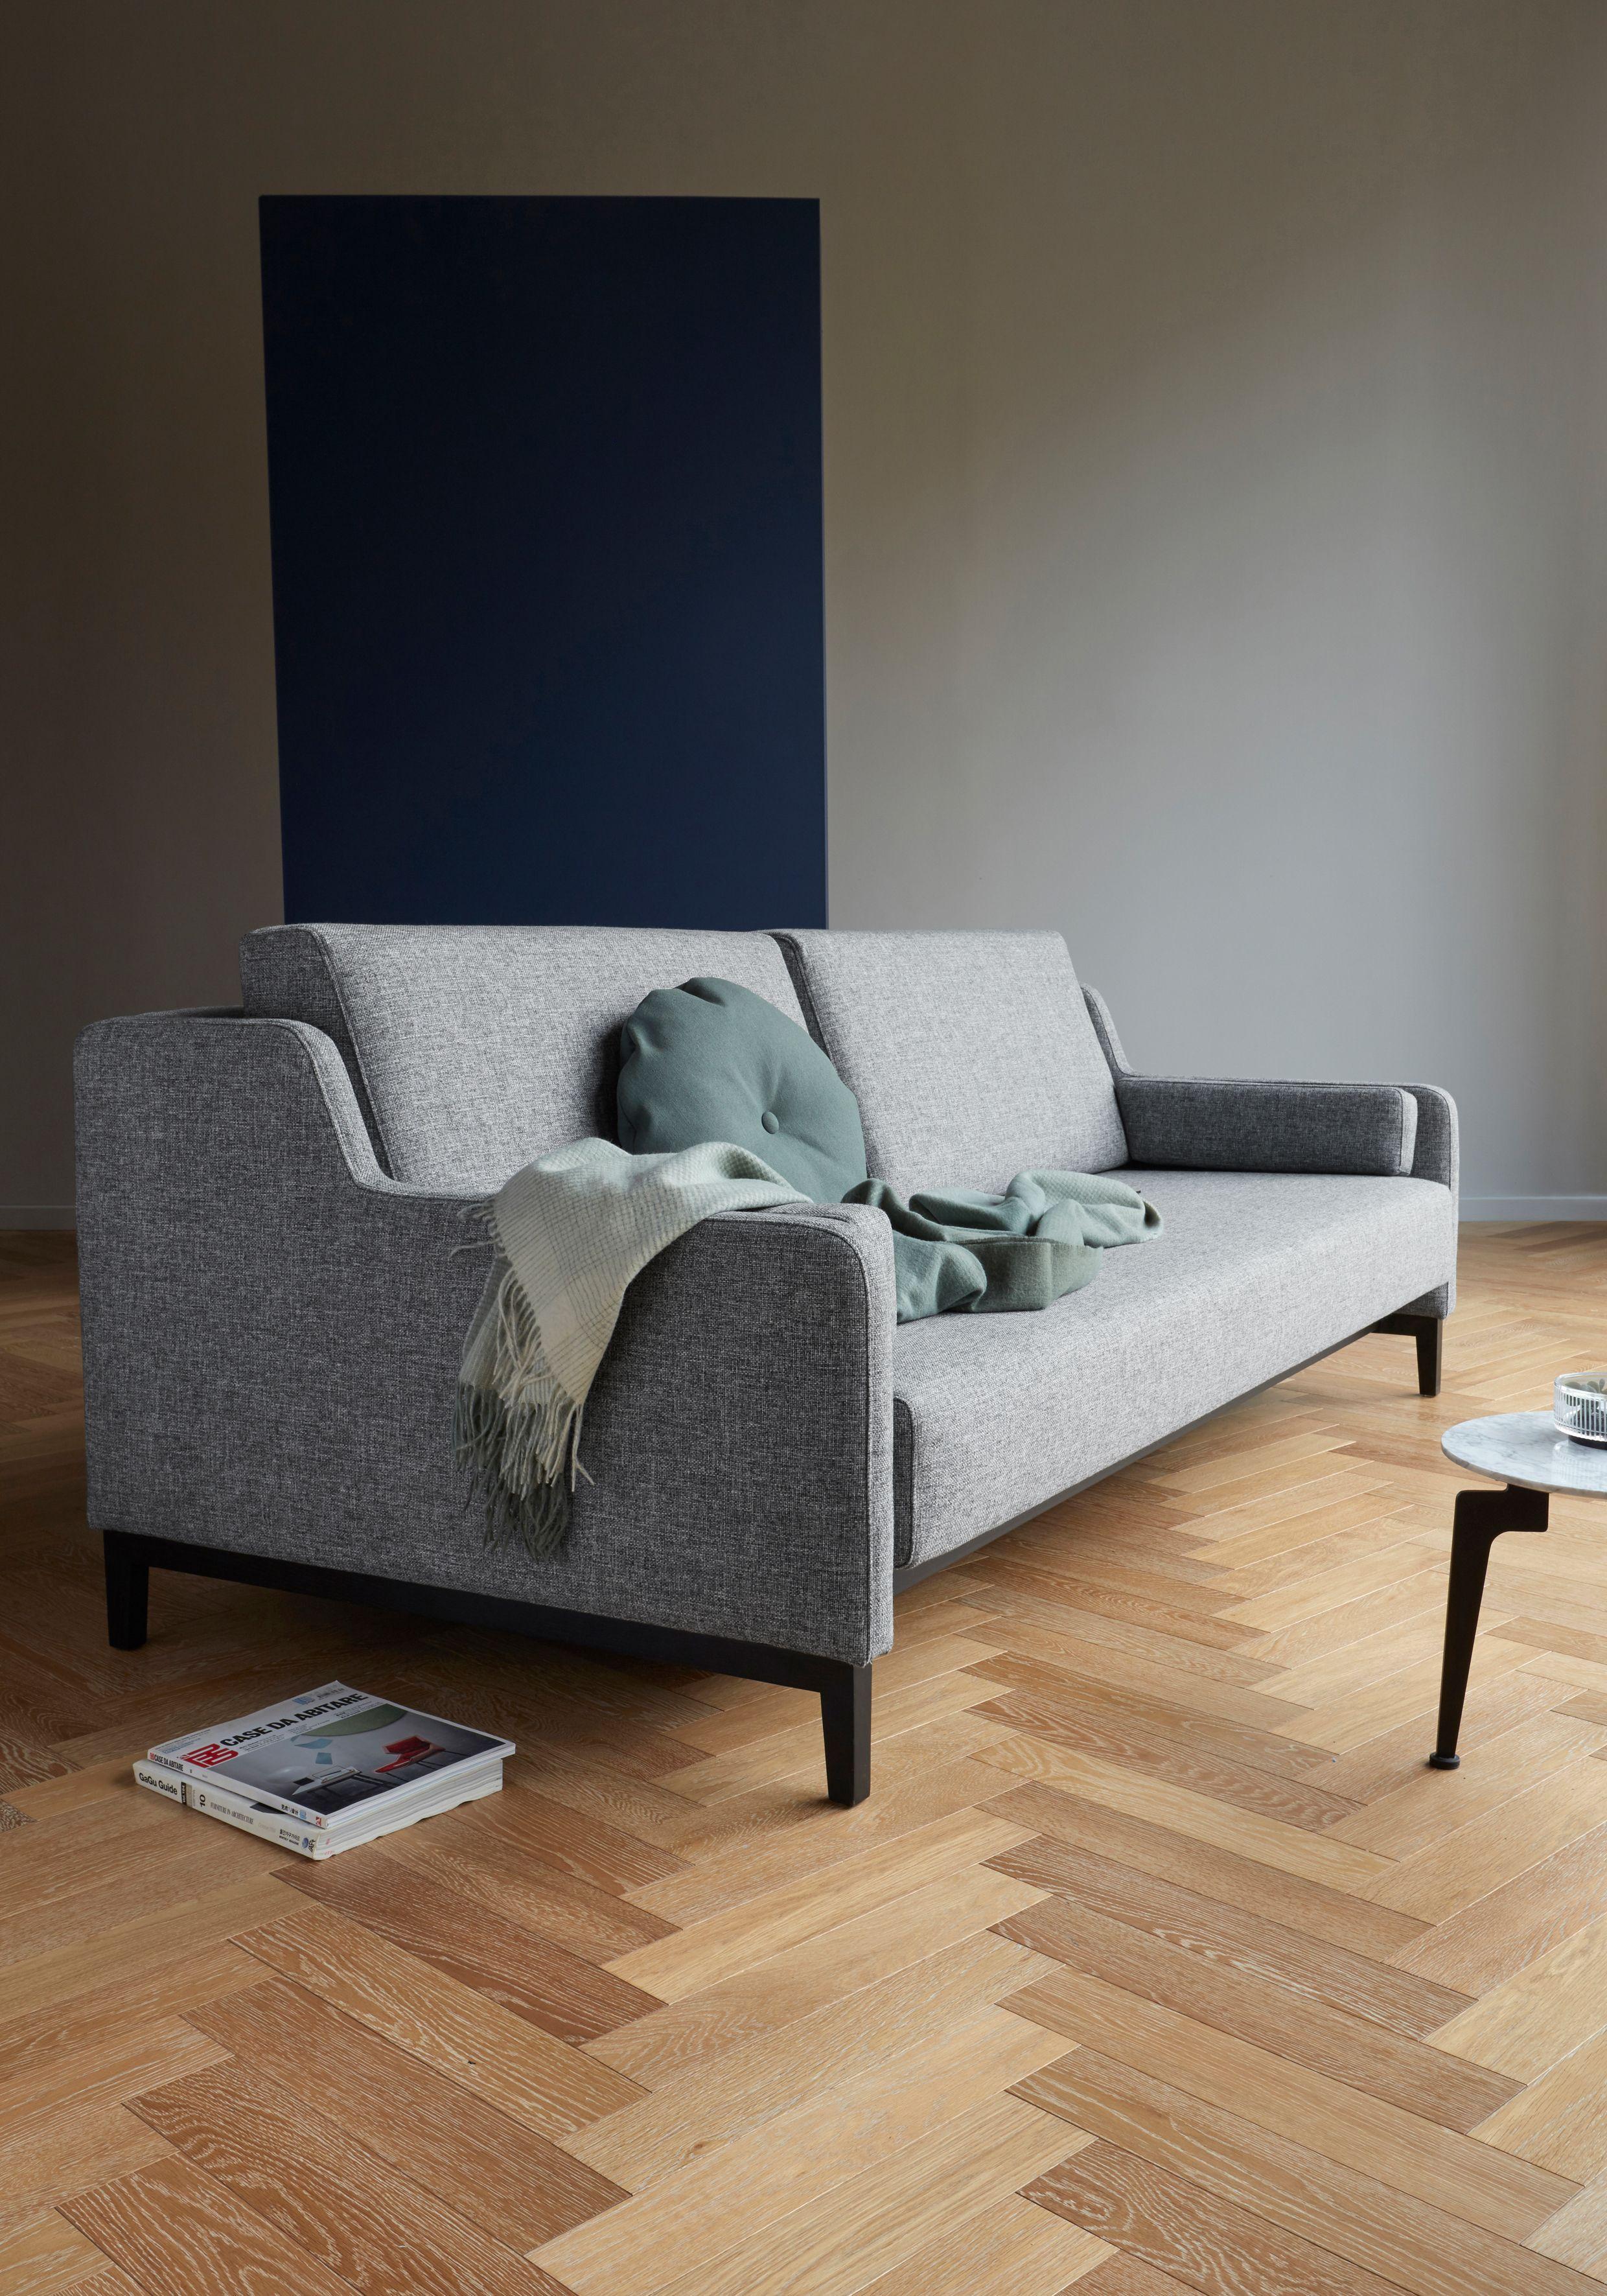 Hermod 160 X 200 Cm Schlafsofa Scandinavian Design Schlafsofa Bestes Schlafsofa Sofa